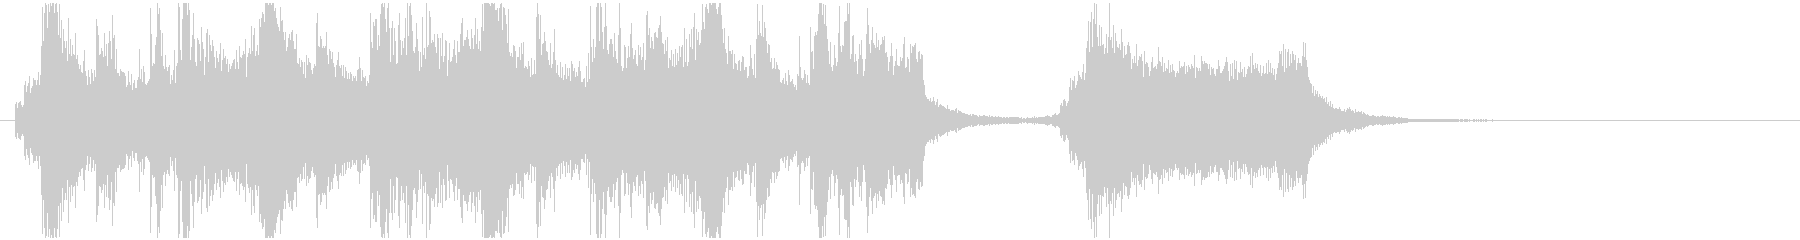 オーケストラのオープニングっぽいのんの未再生の波形